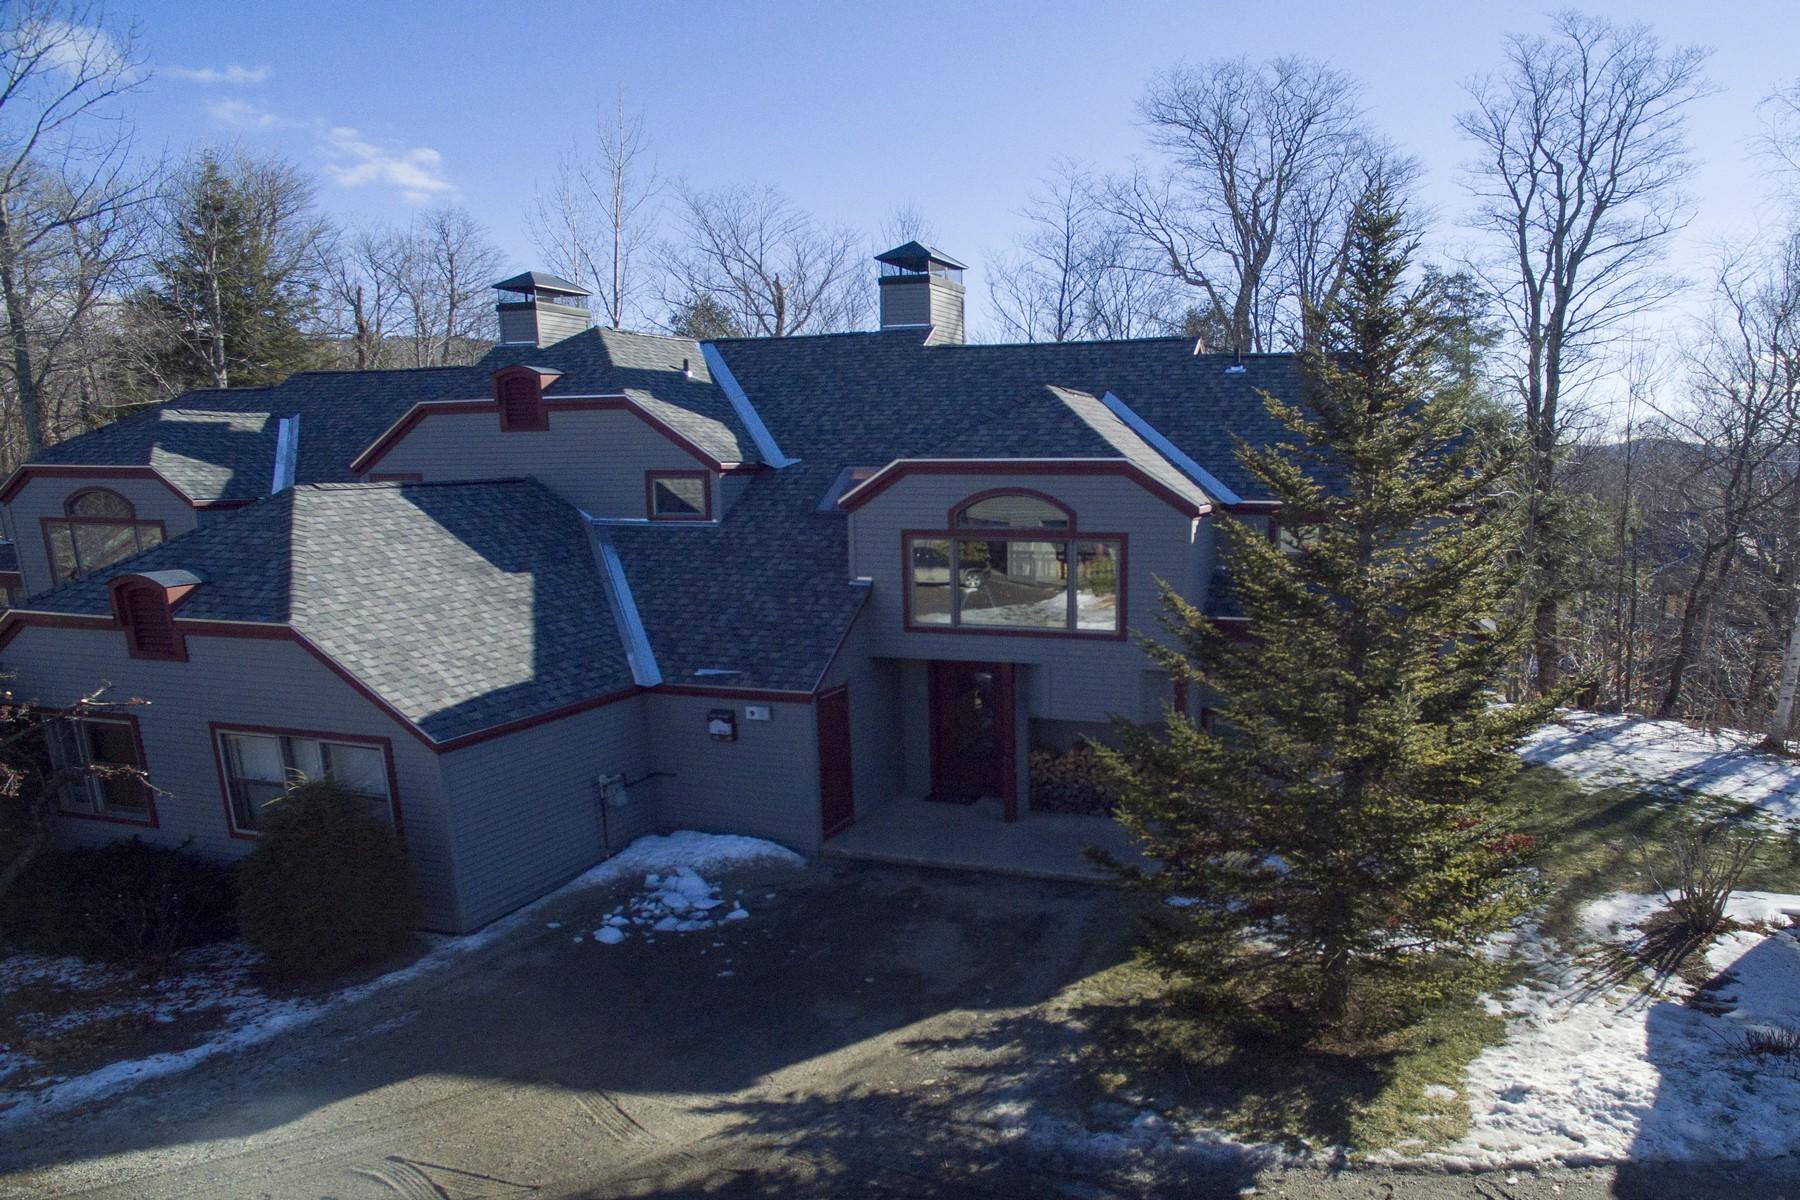 Condominium for Sale at B-15 Maple Ridge Road, Winhall B-15 Maple Ridge Rd Winhall, Vermont, 05340 United States